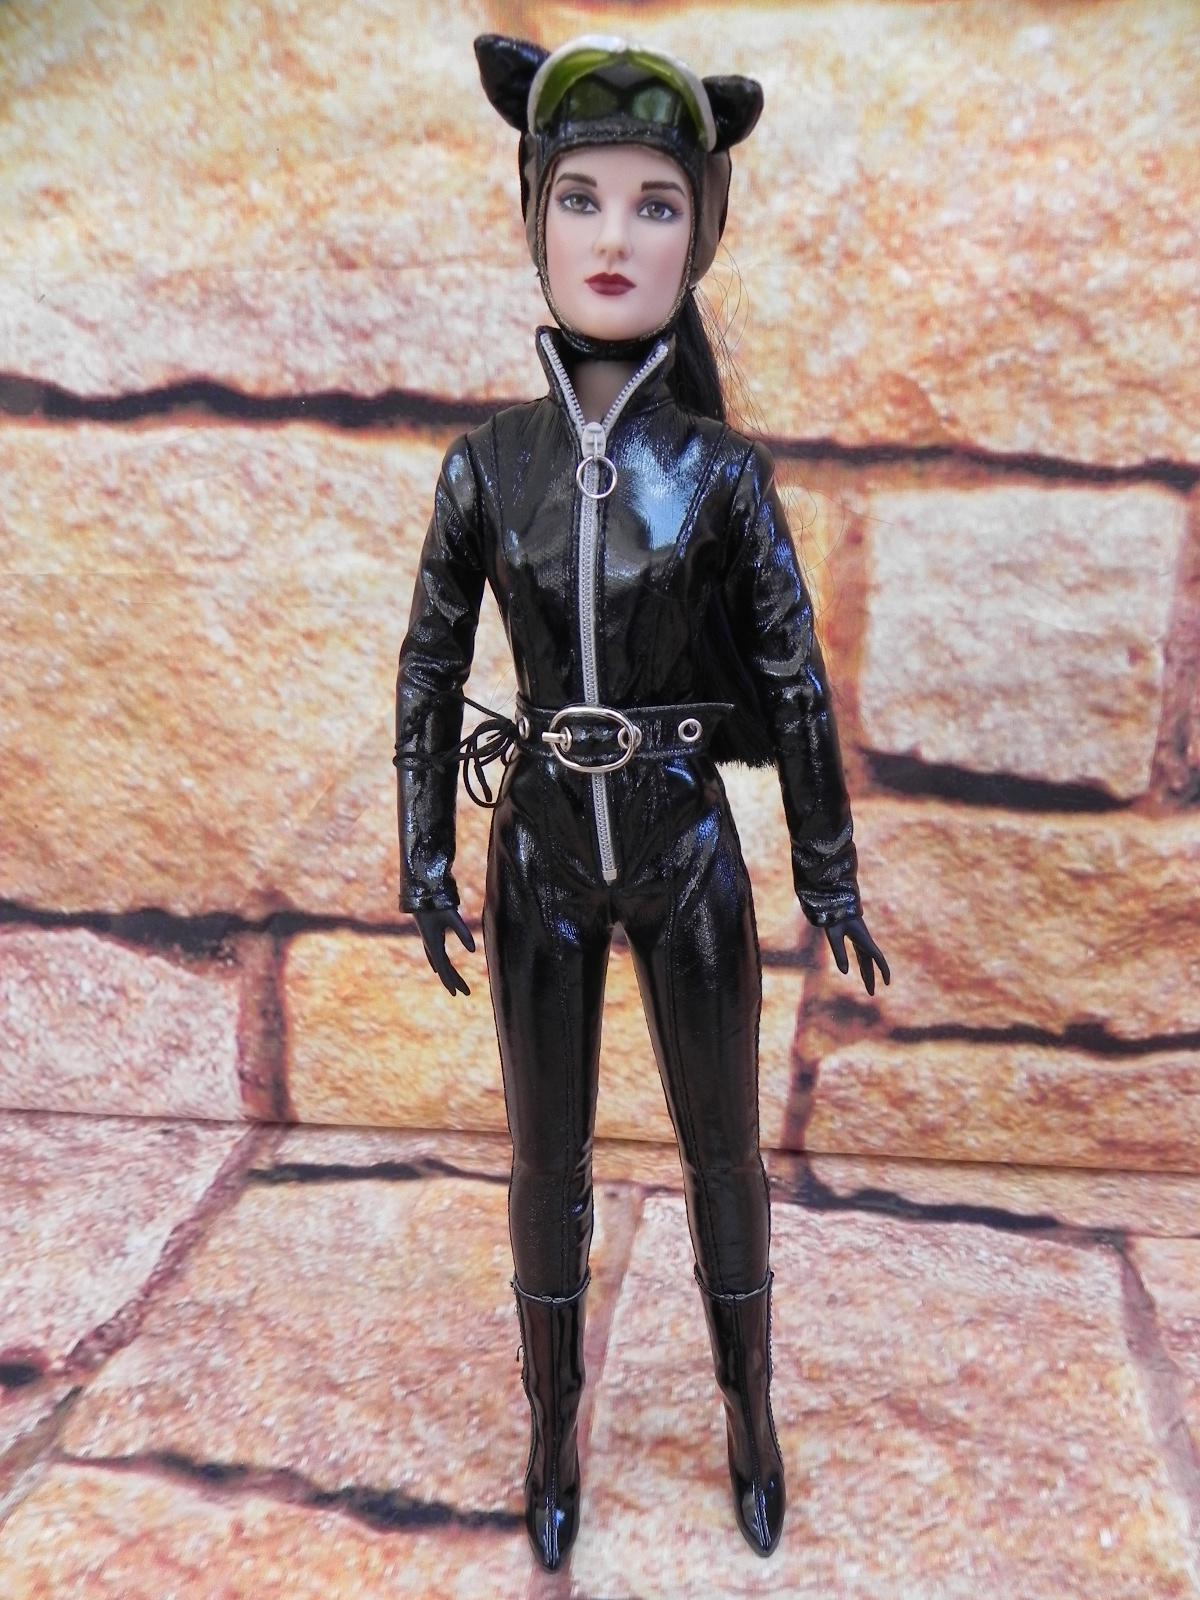 http://1.bp.blogspot.com/-YQUU0HAdHWs/ToWese4Fo9I/AAAAAAAAFx4/rXnuNP0HAPs/s1600/Tonner+Catwoman+3.jpg